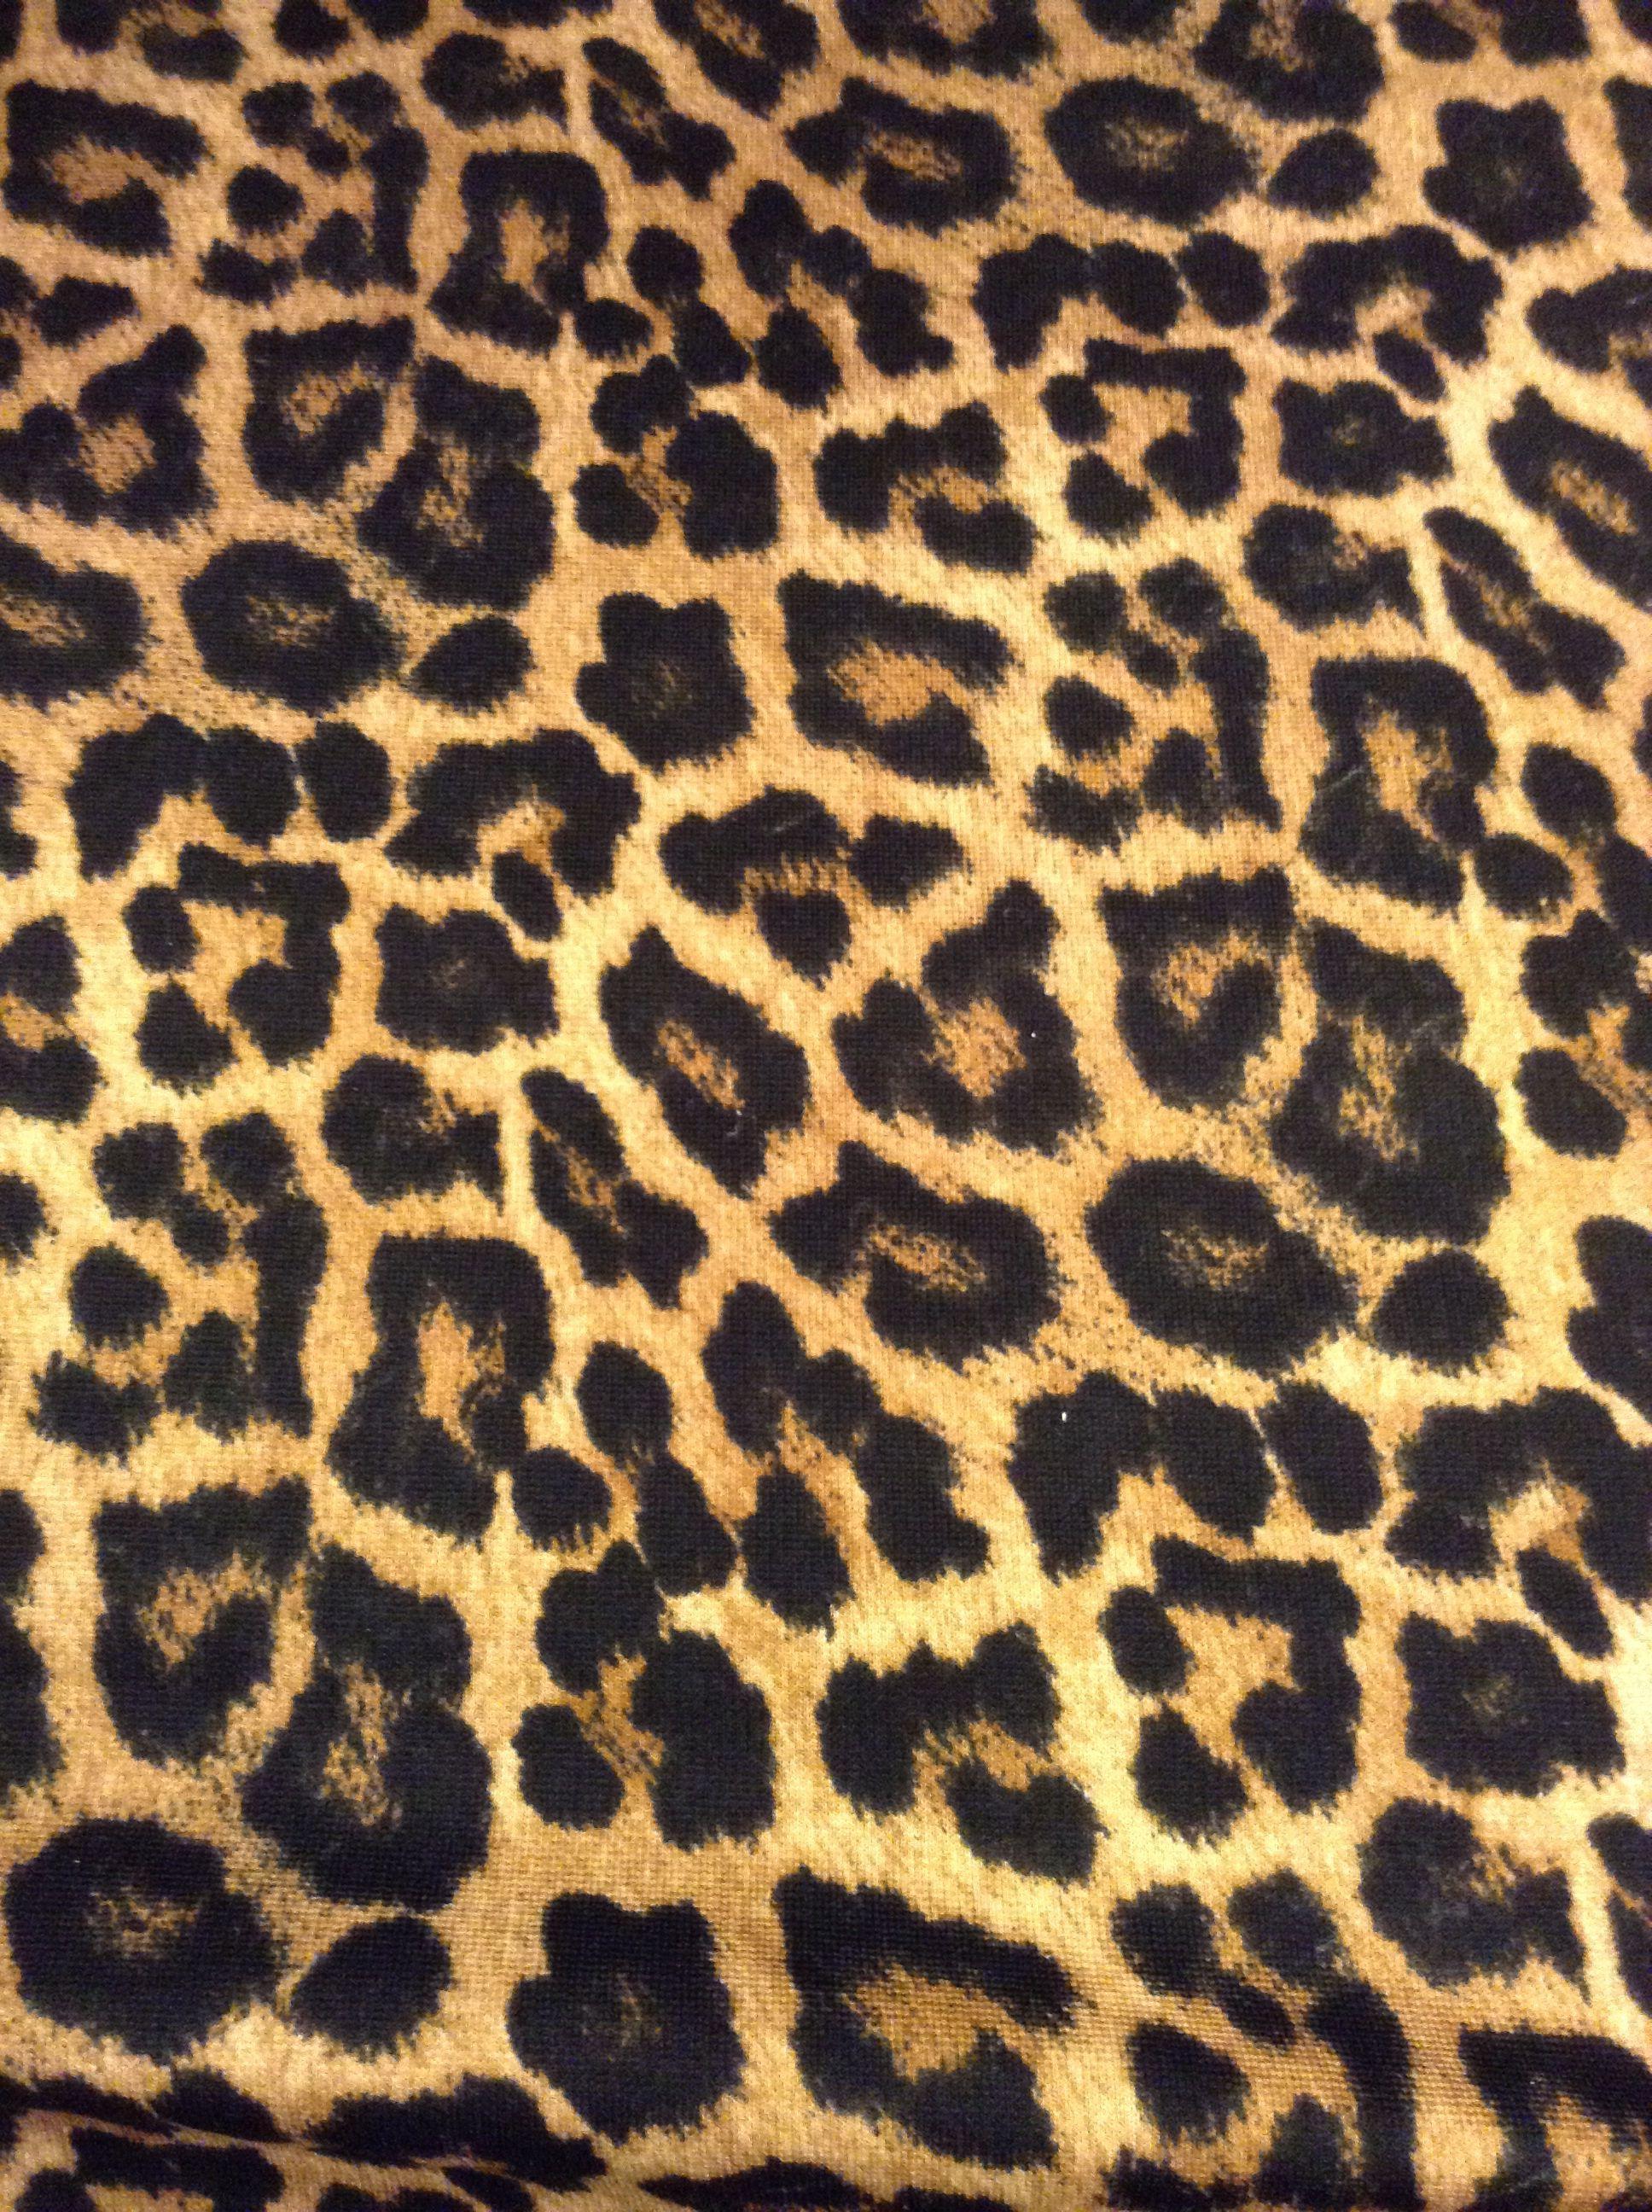 Leopard Pattern Wallpapers Top Free Leopard Pattern Backgrounds Wallpaperaccess